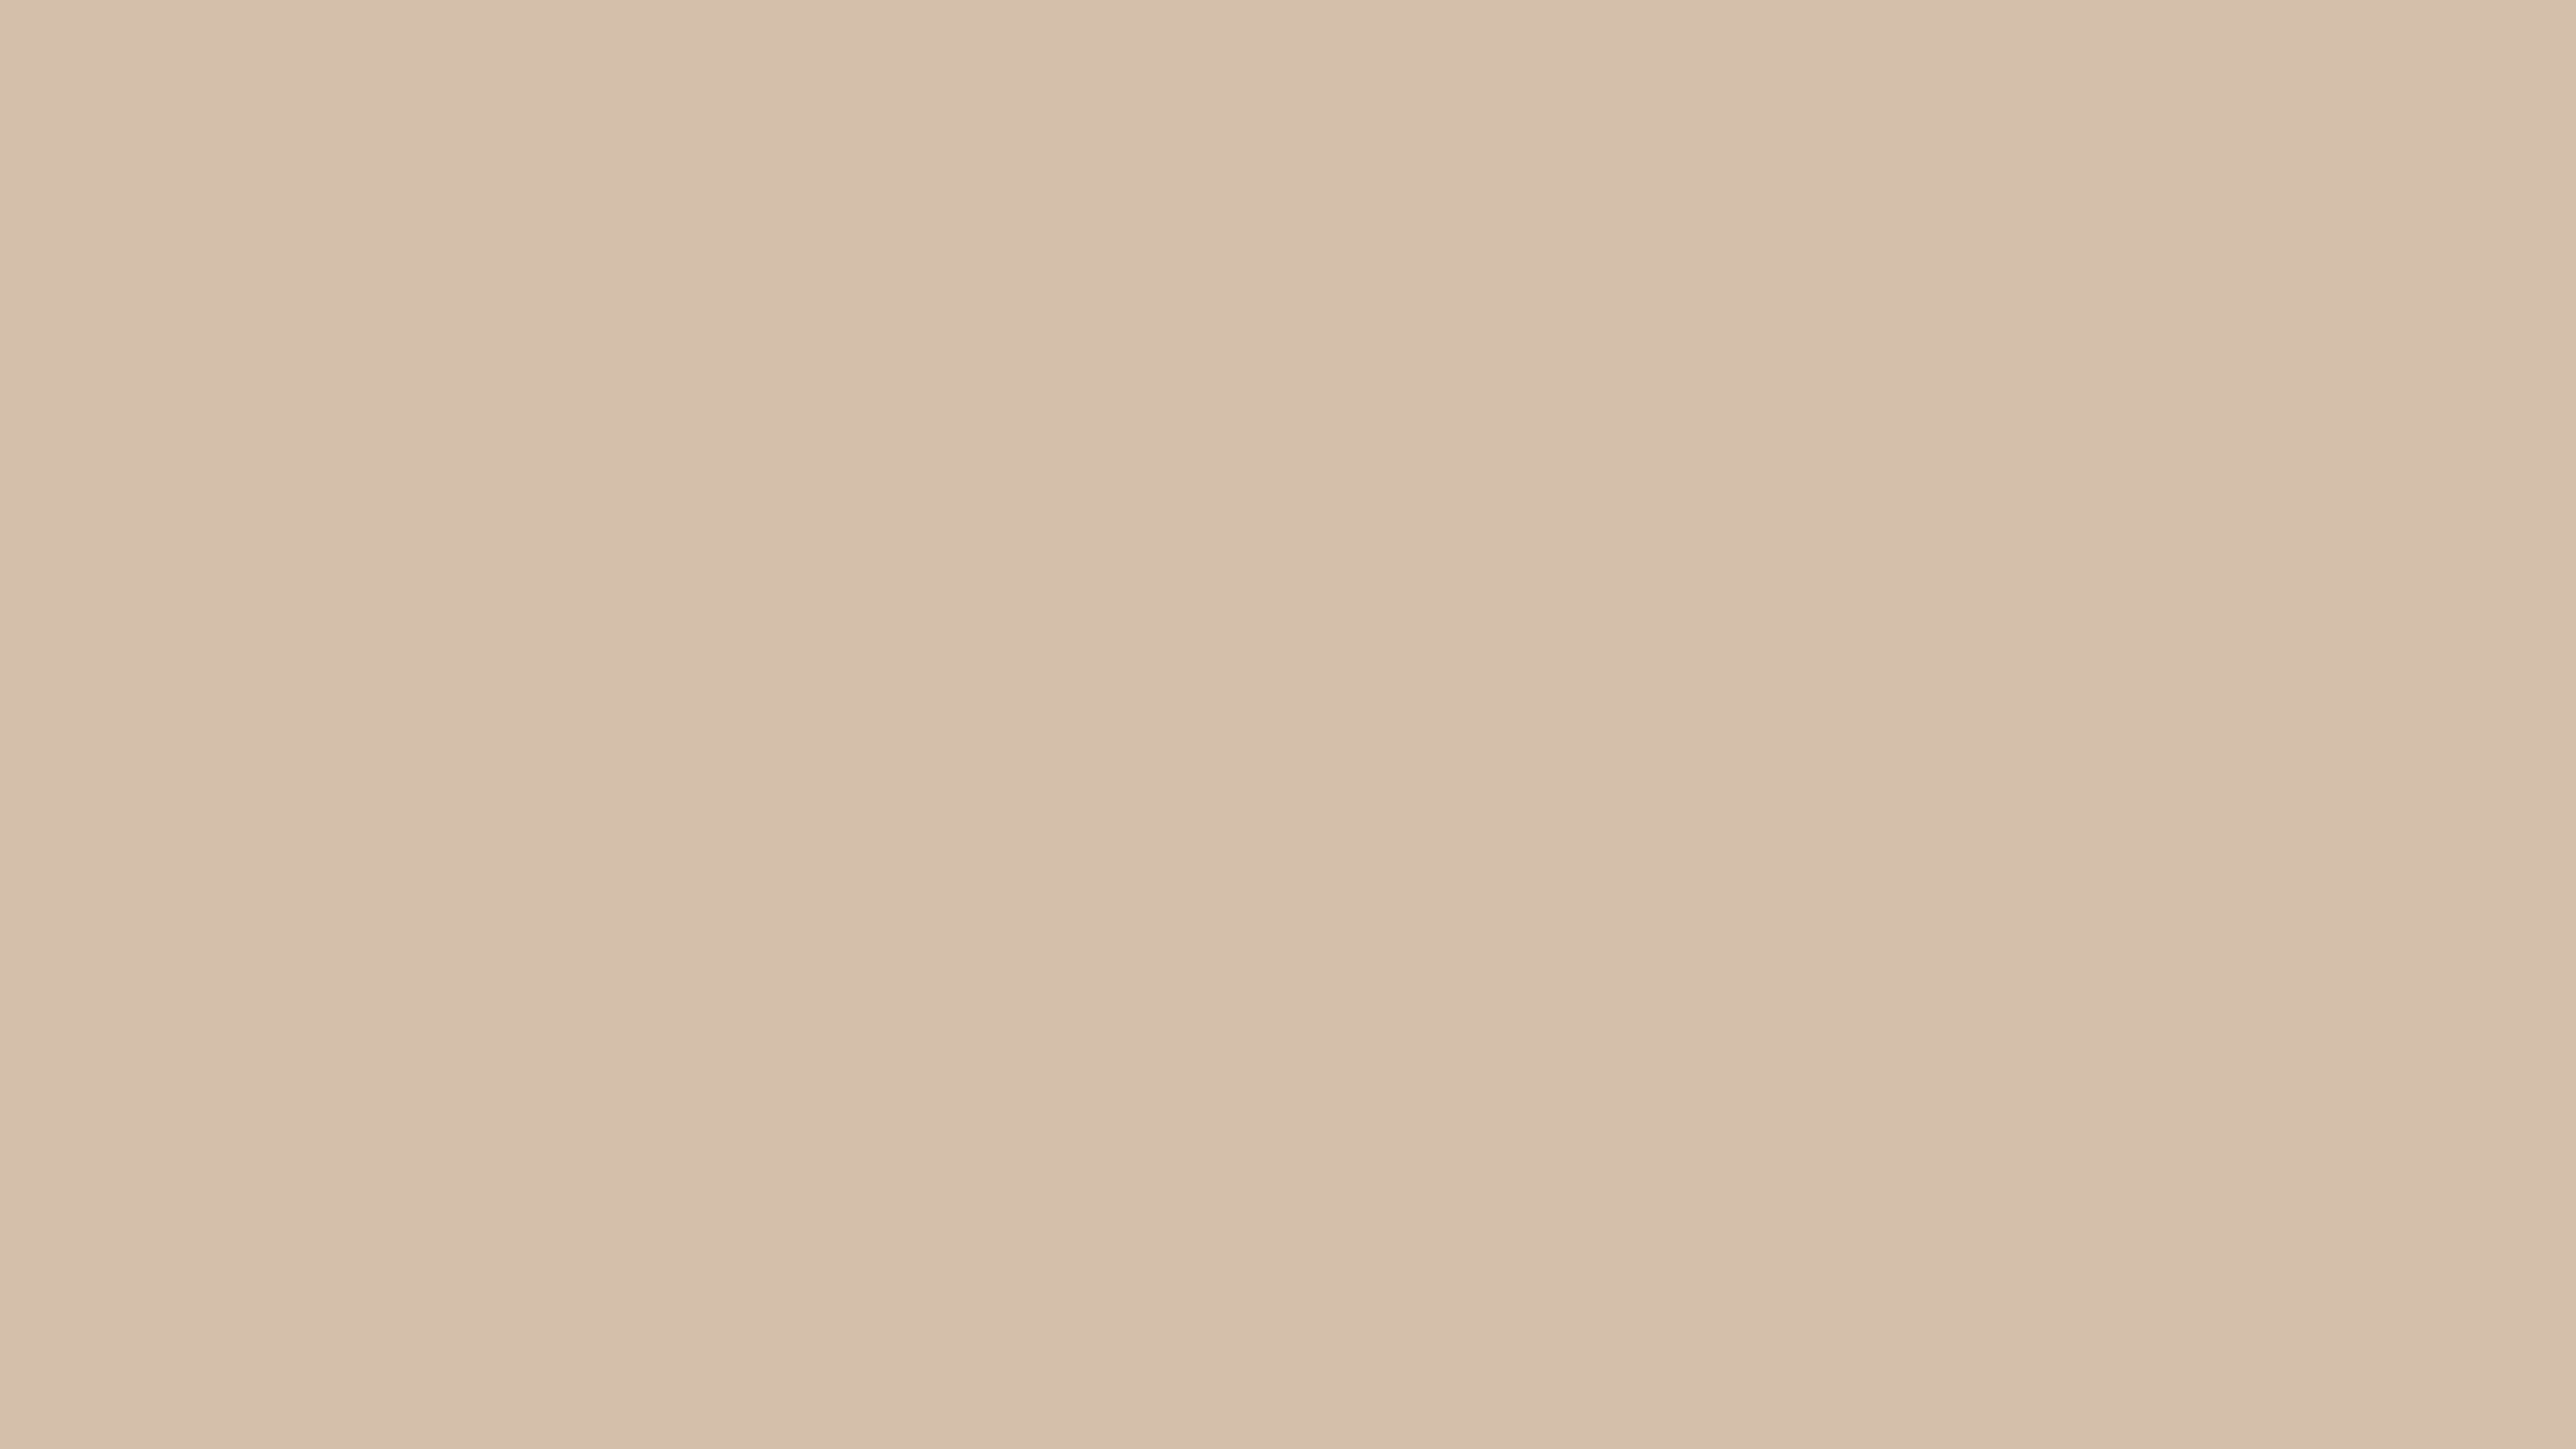 3840x2160 Dark Vanilla Solid Color Background